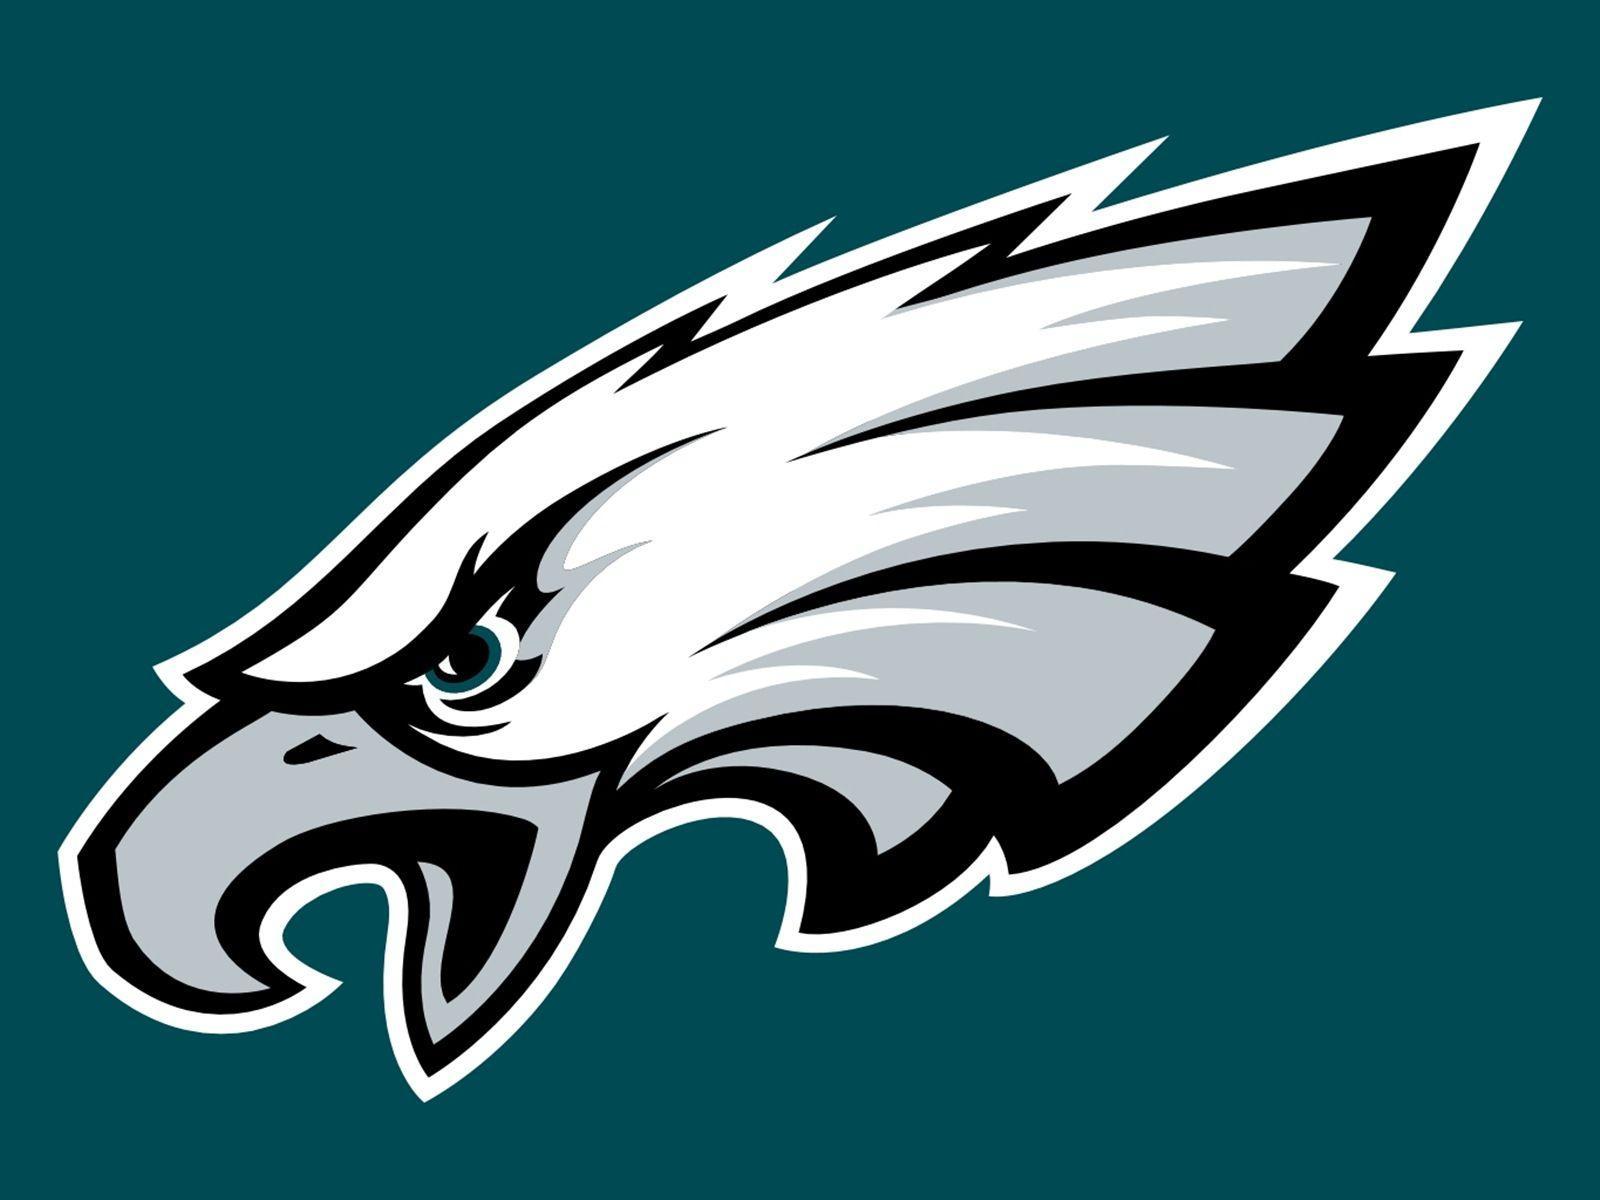 Eagle logo wallpaper